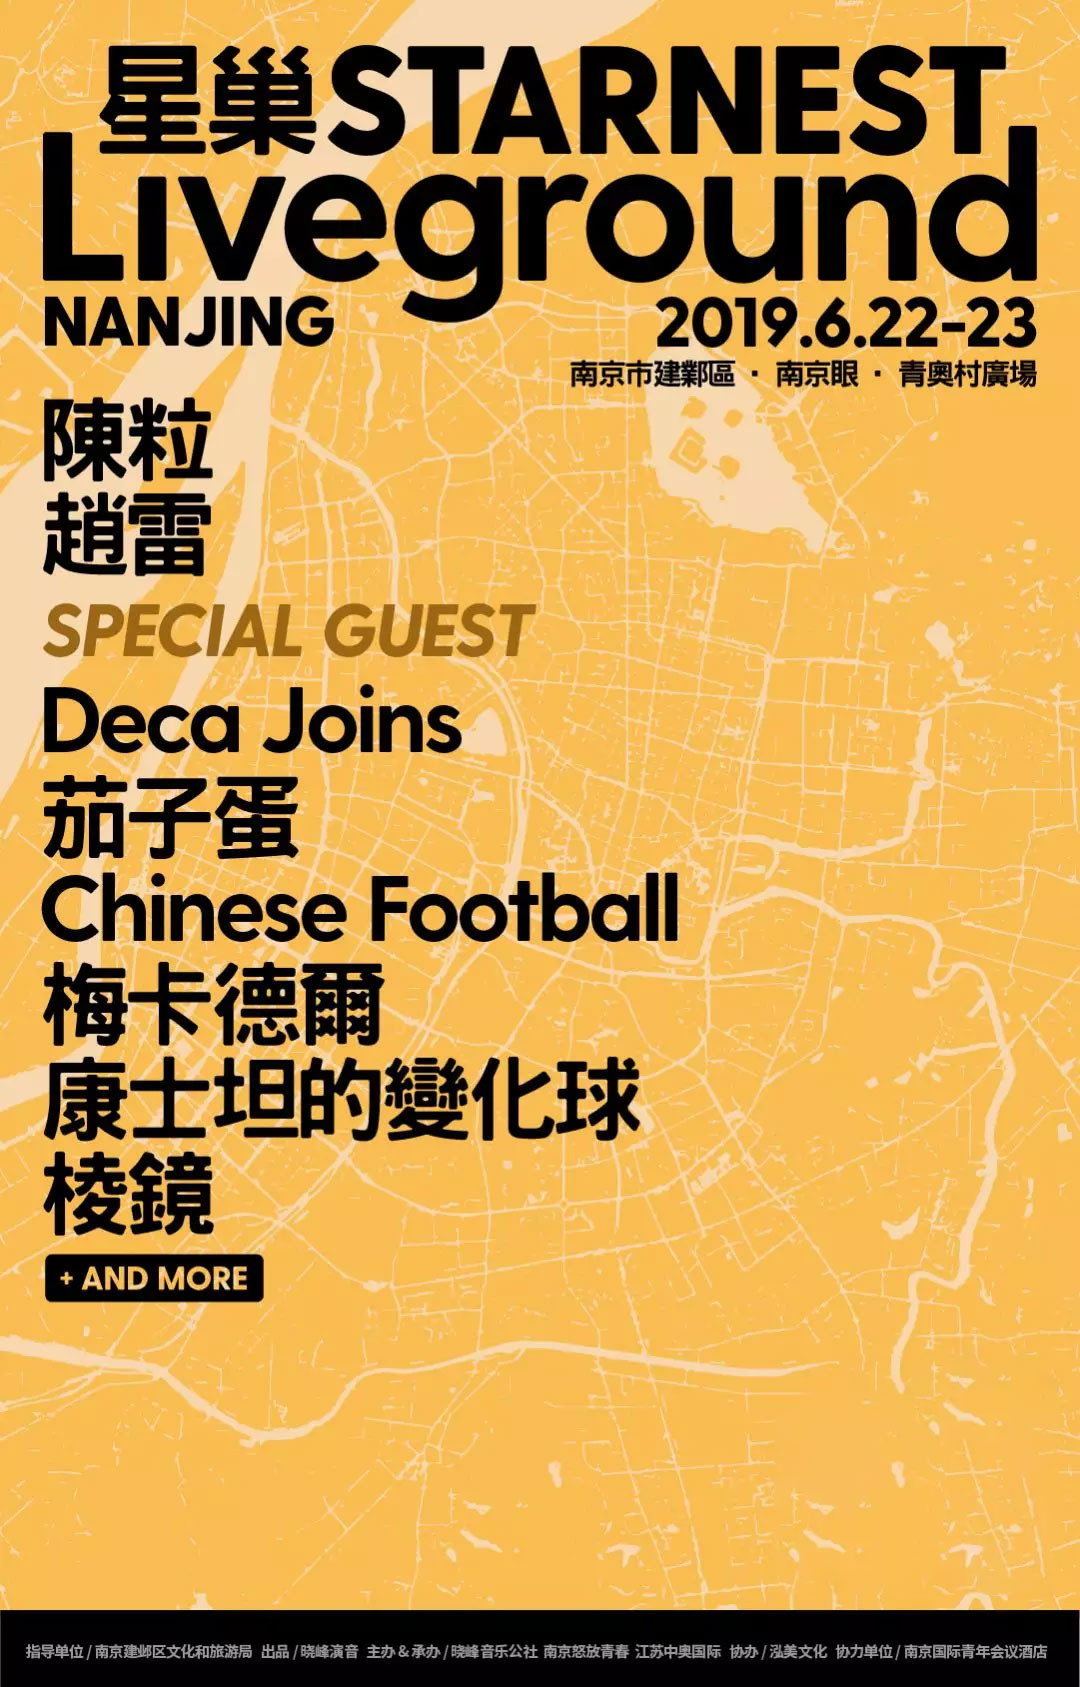 2019南京星巢音乐节攻略(交通+注意事项)